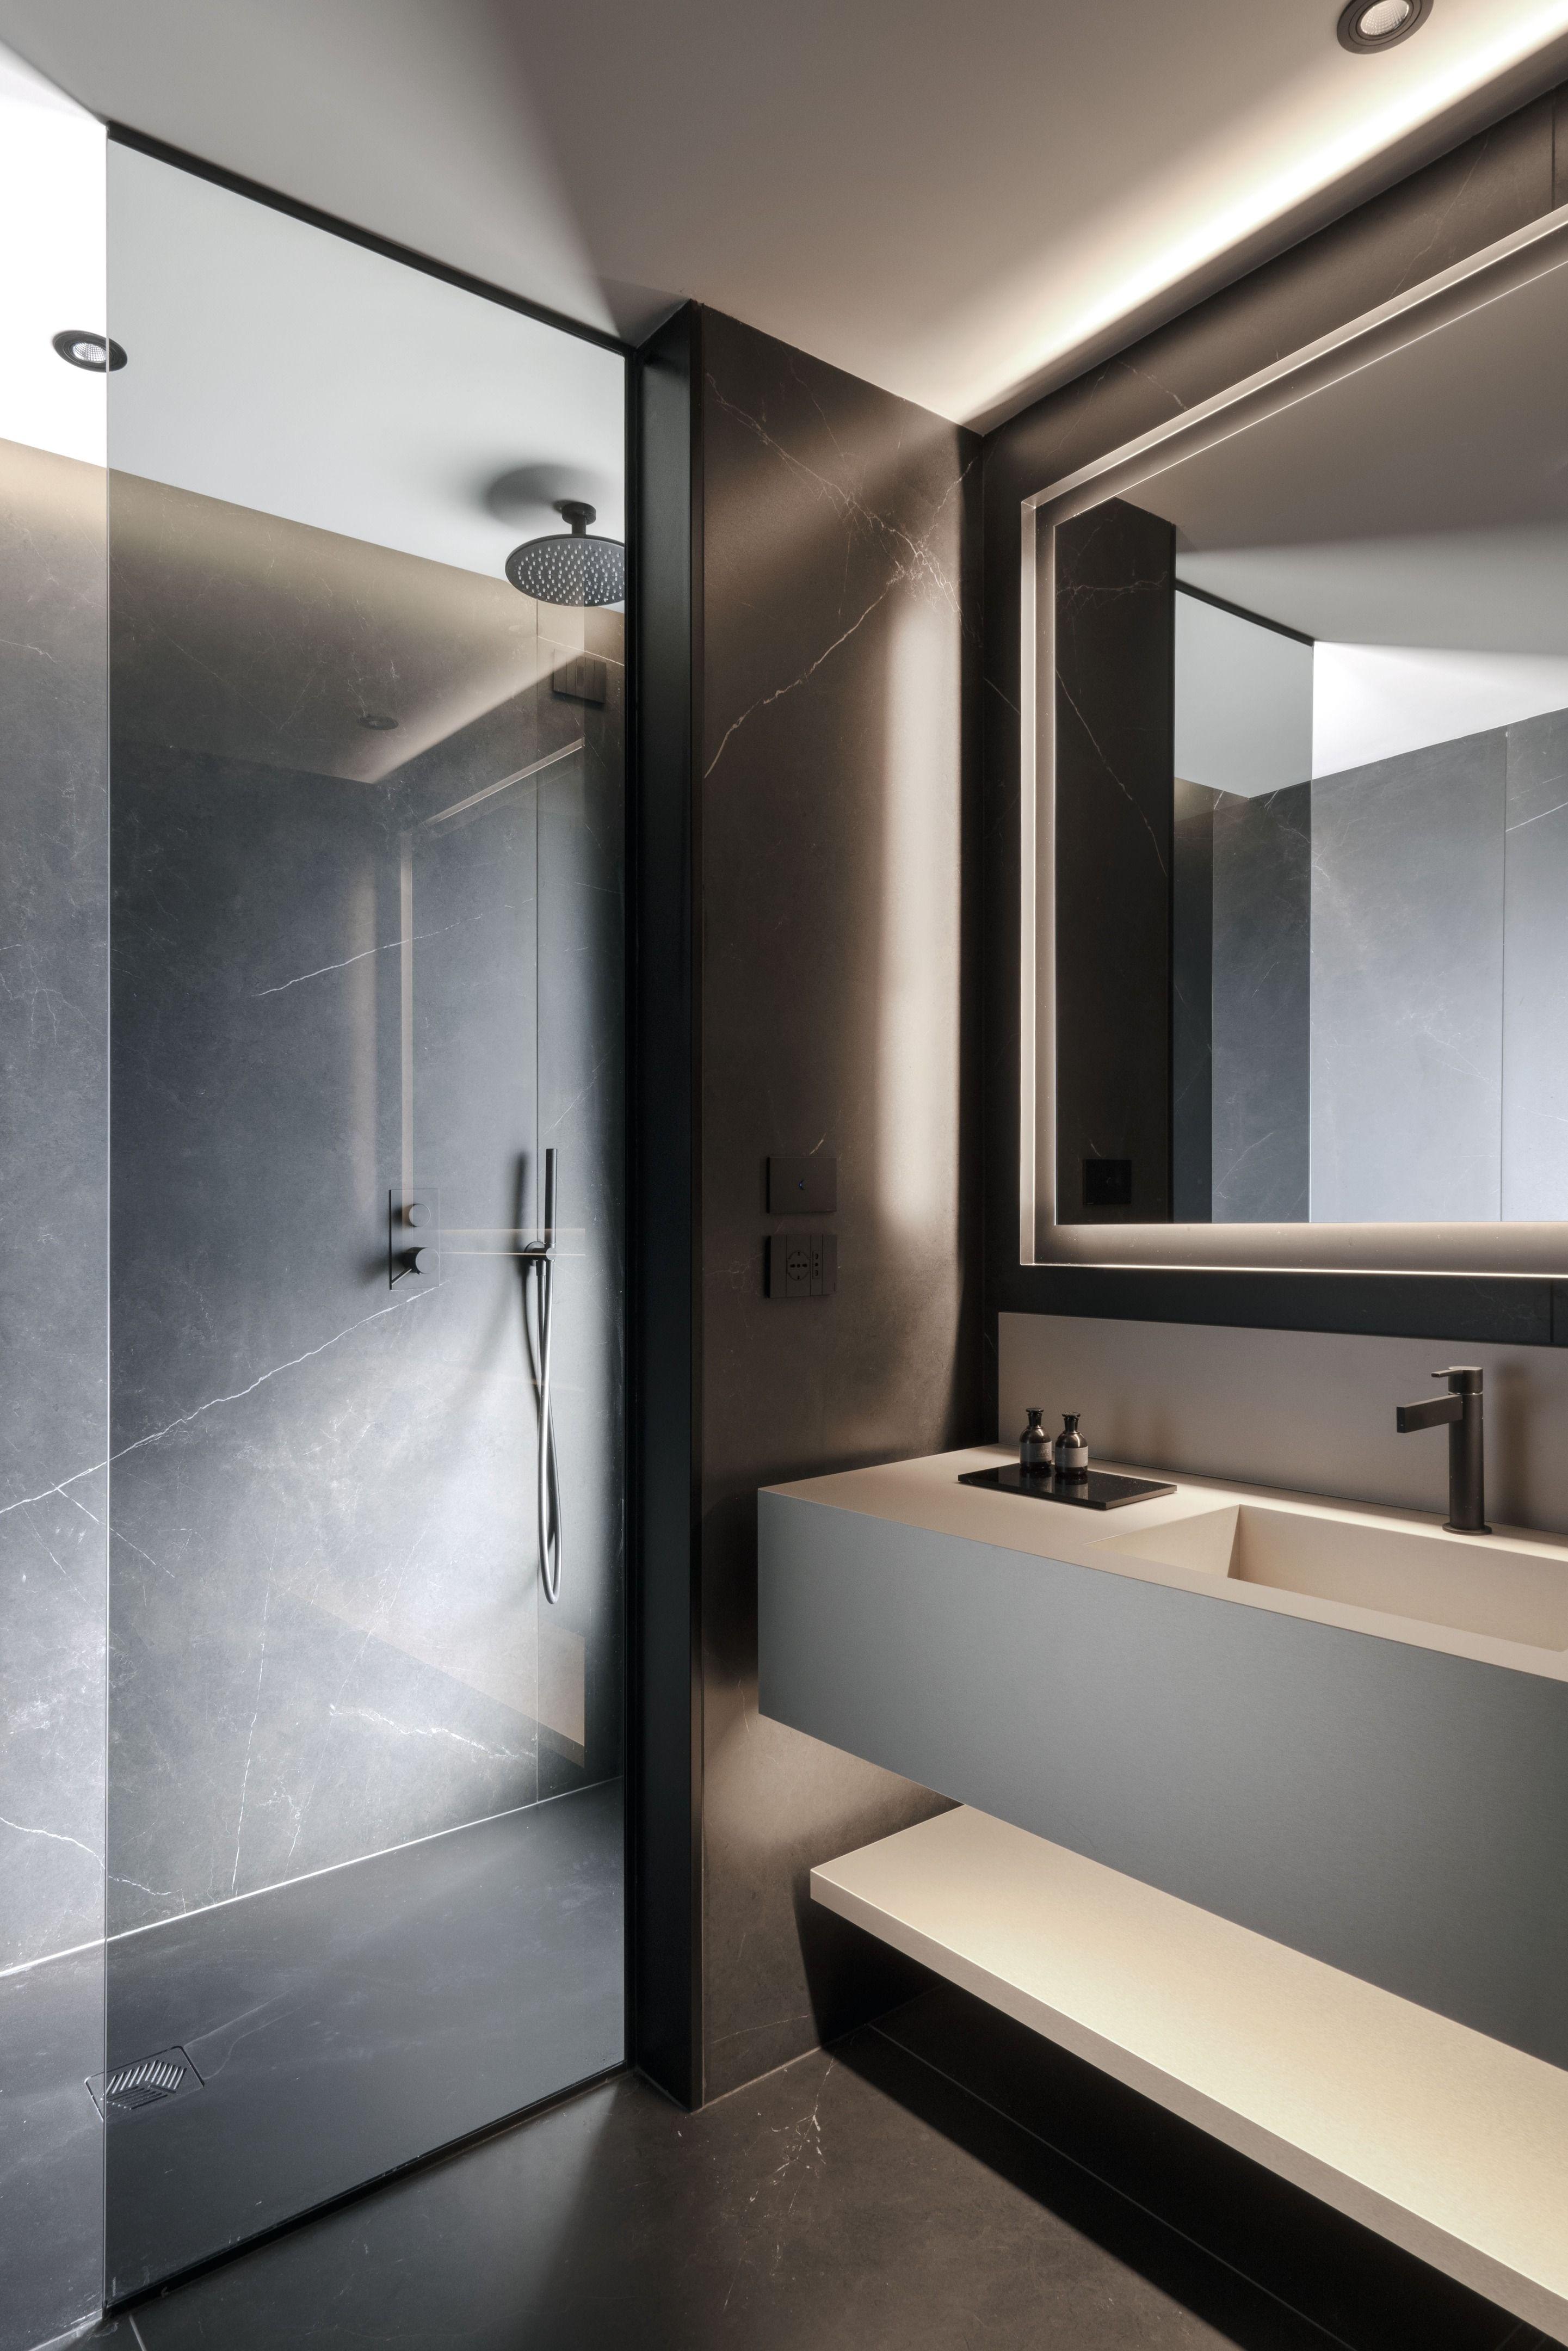 Hotel La Suite Matera Picture Gallery Hotel Bathroom Design Bathroom Interior Design Bathroom Interior